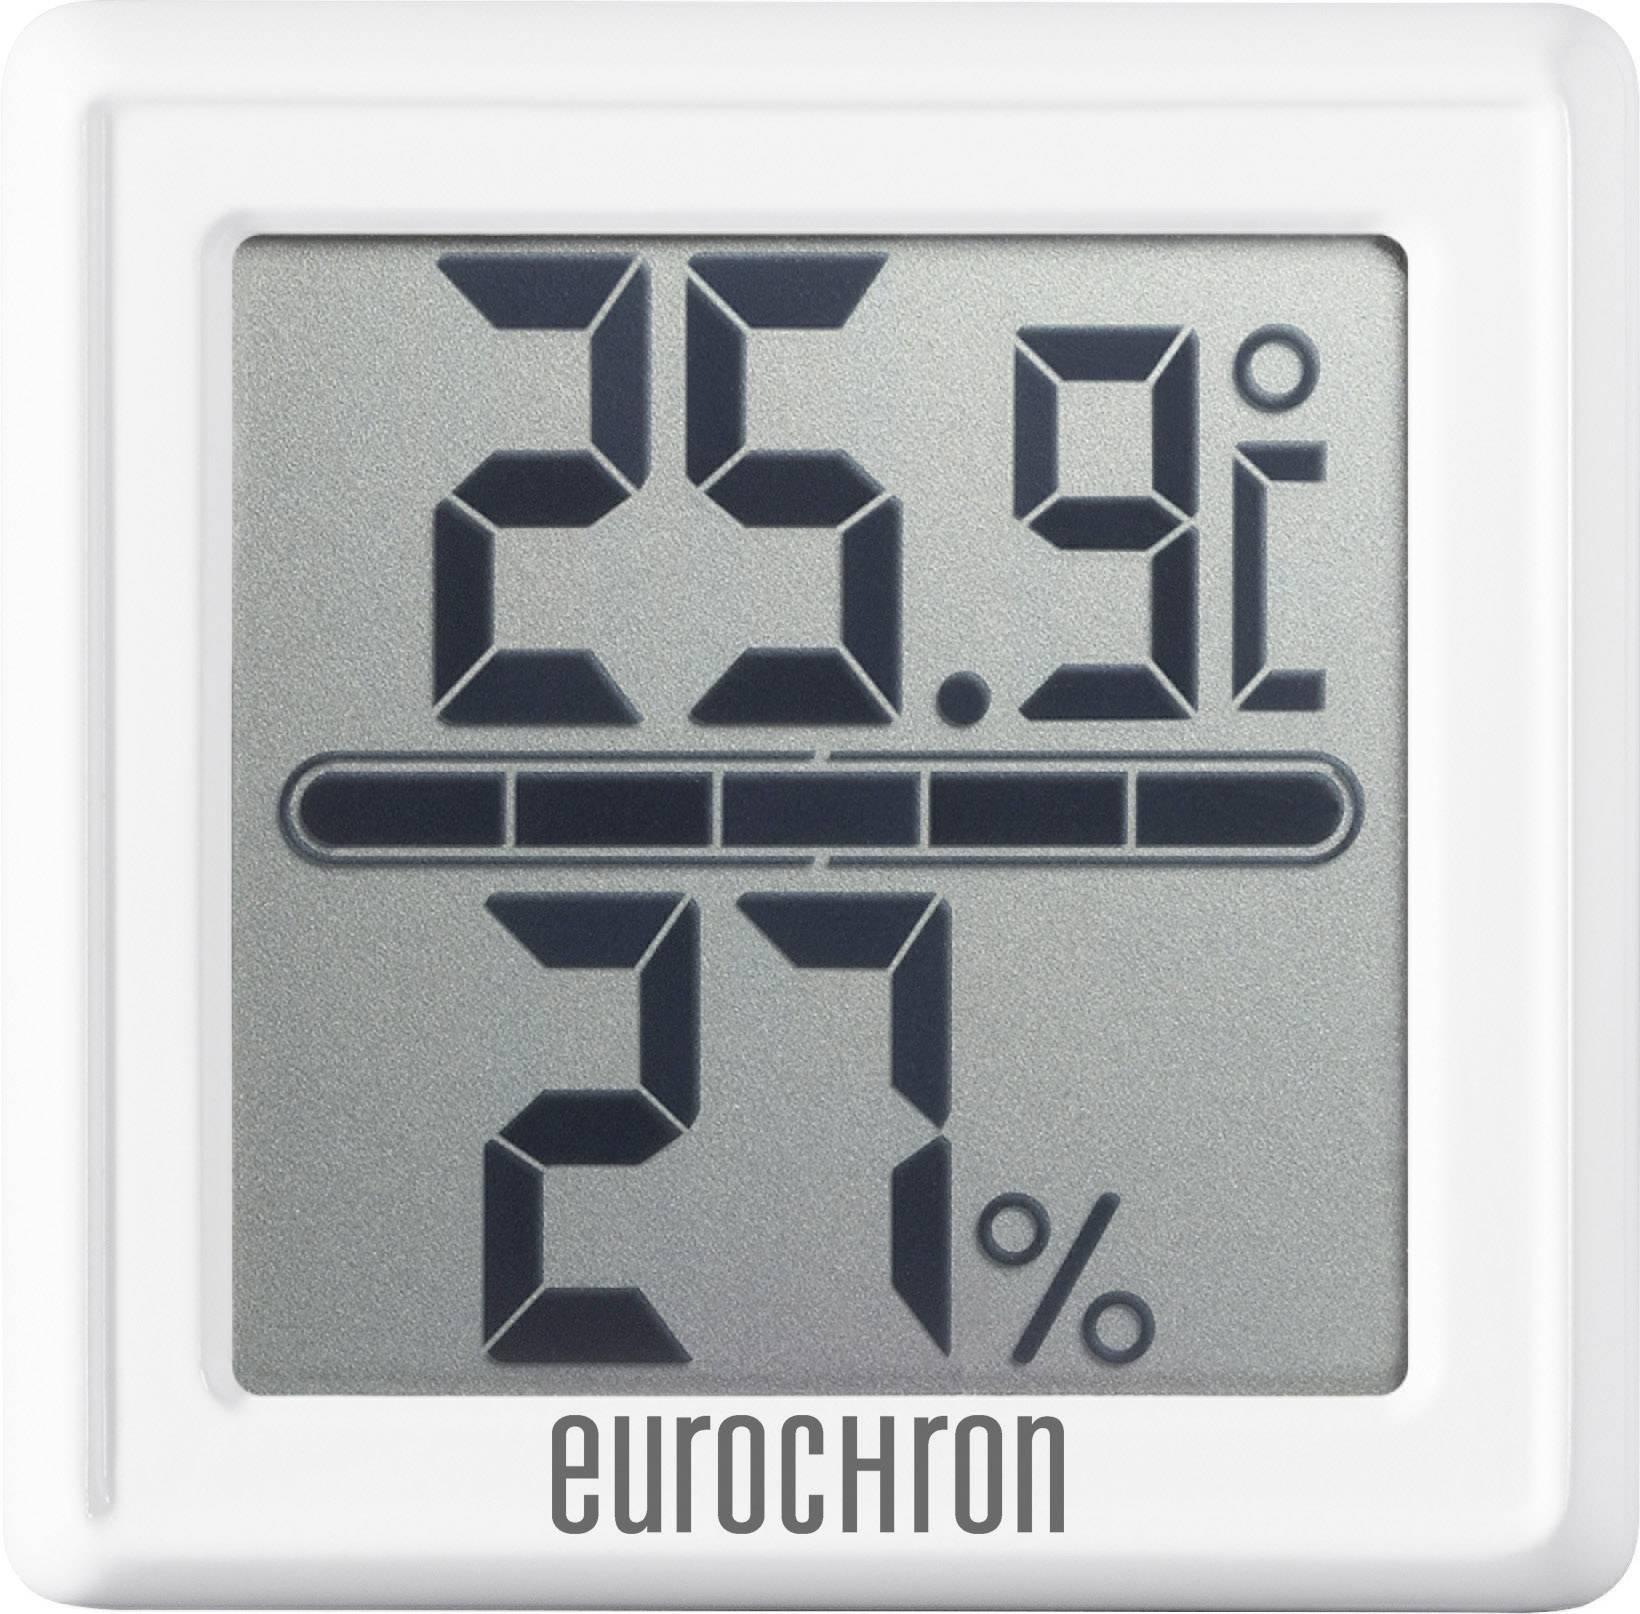 Mini teplomer/vlhkomer, Eurochron ETH 5500